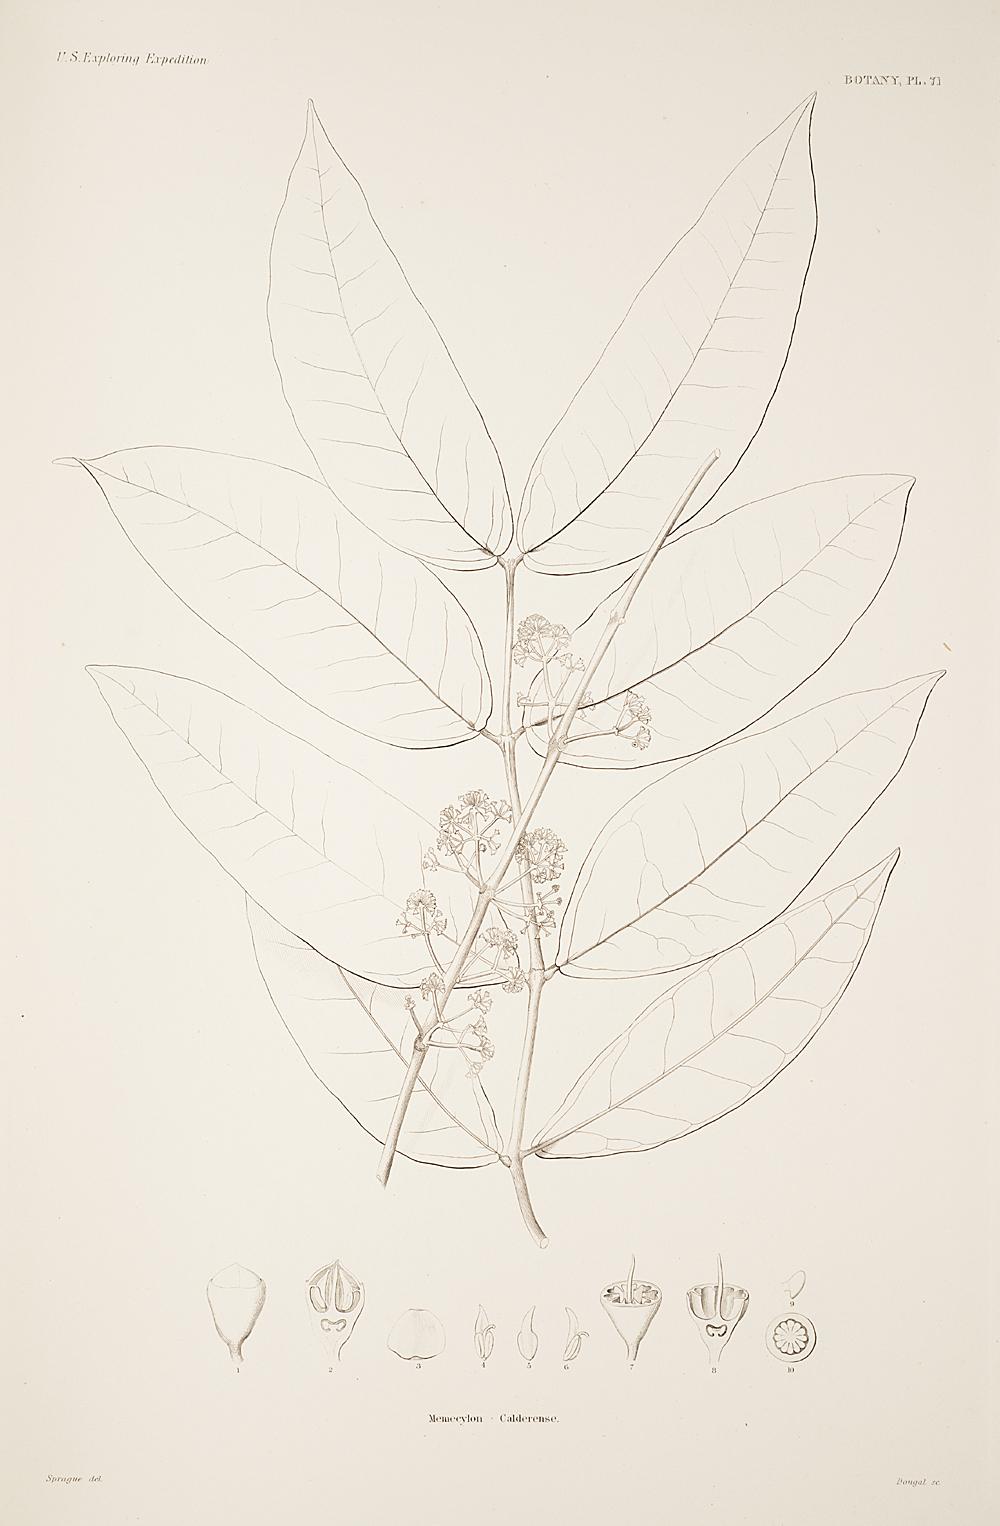 Botany, Pl. 71,  Image number:sil19-23-153b